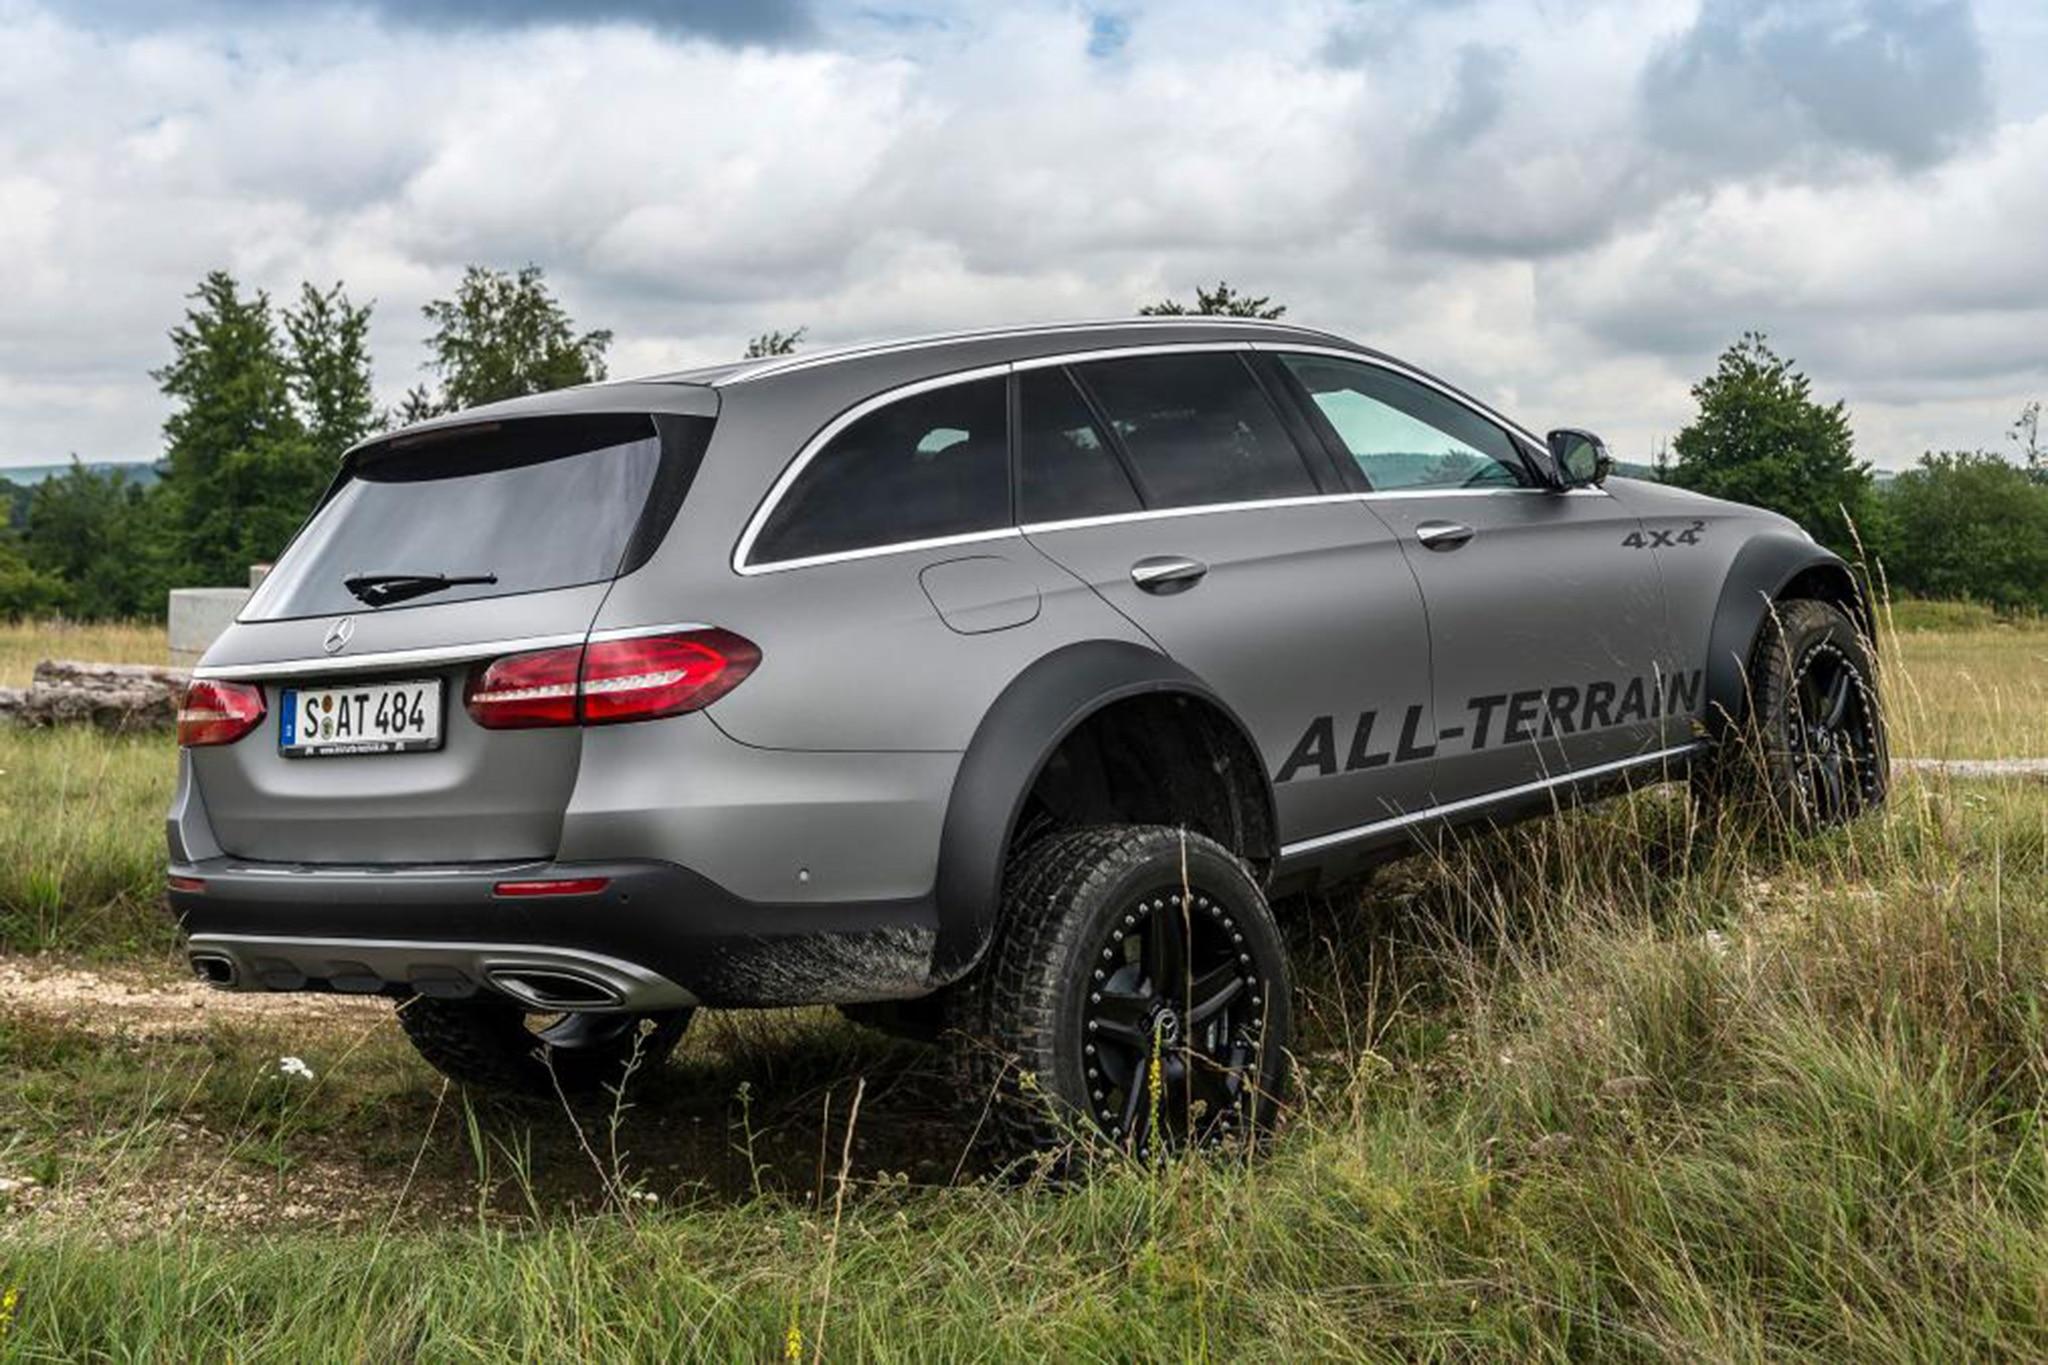 https://st.automobilemag.com/uploads/sites/11/2017/07/Mercedes-Benz-E-Class-All-Terrain-by-Jurgen-Eberle-Rear-.jpg